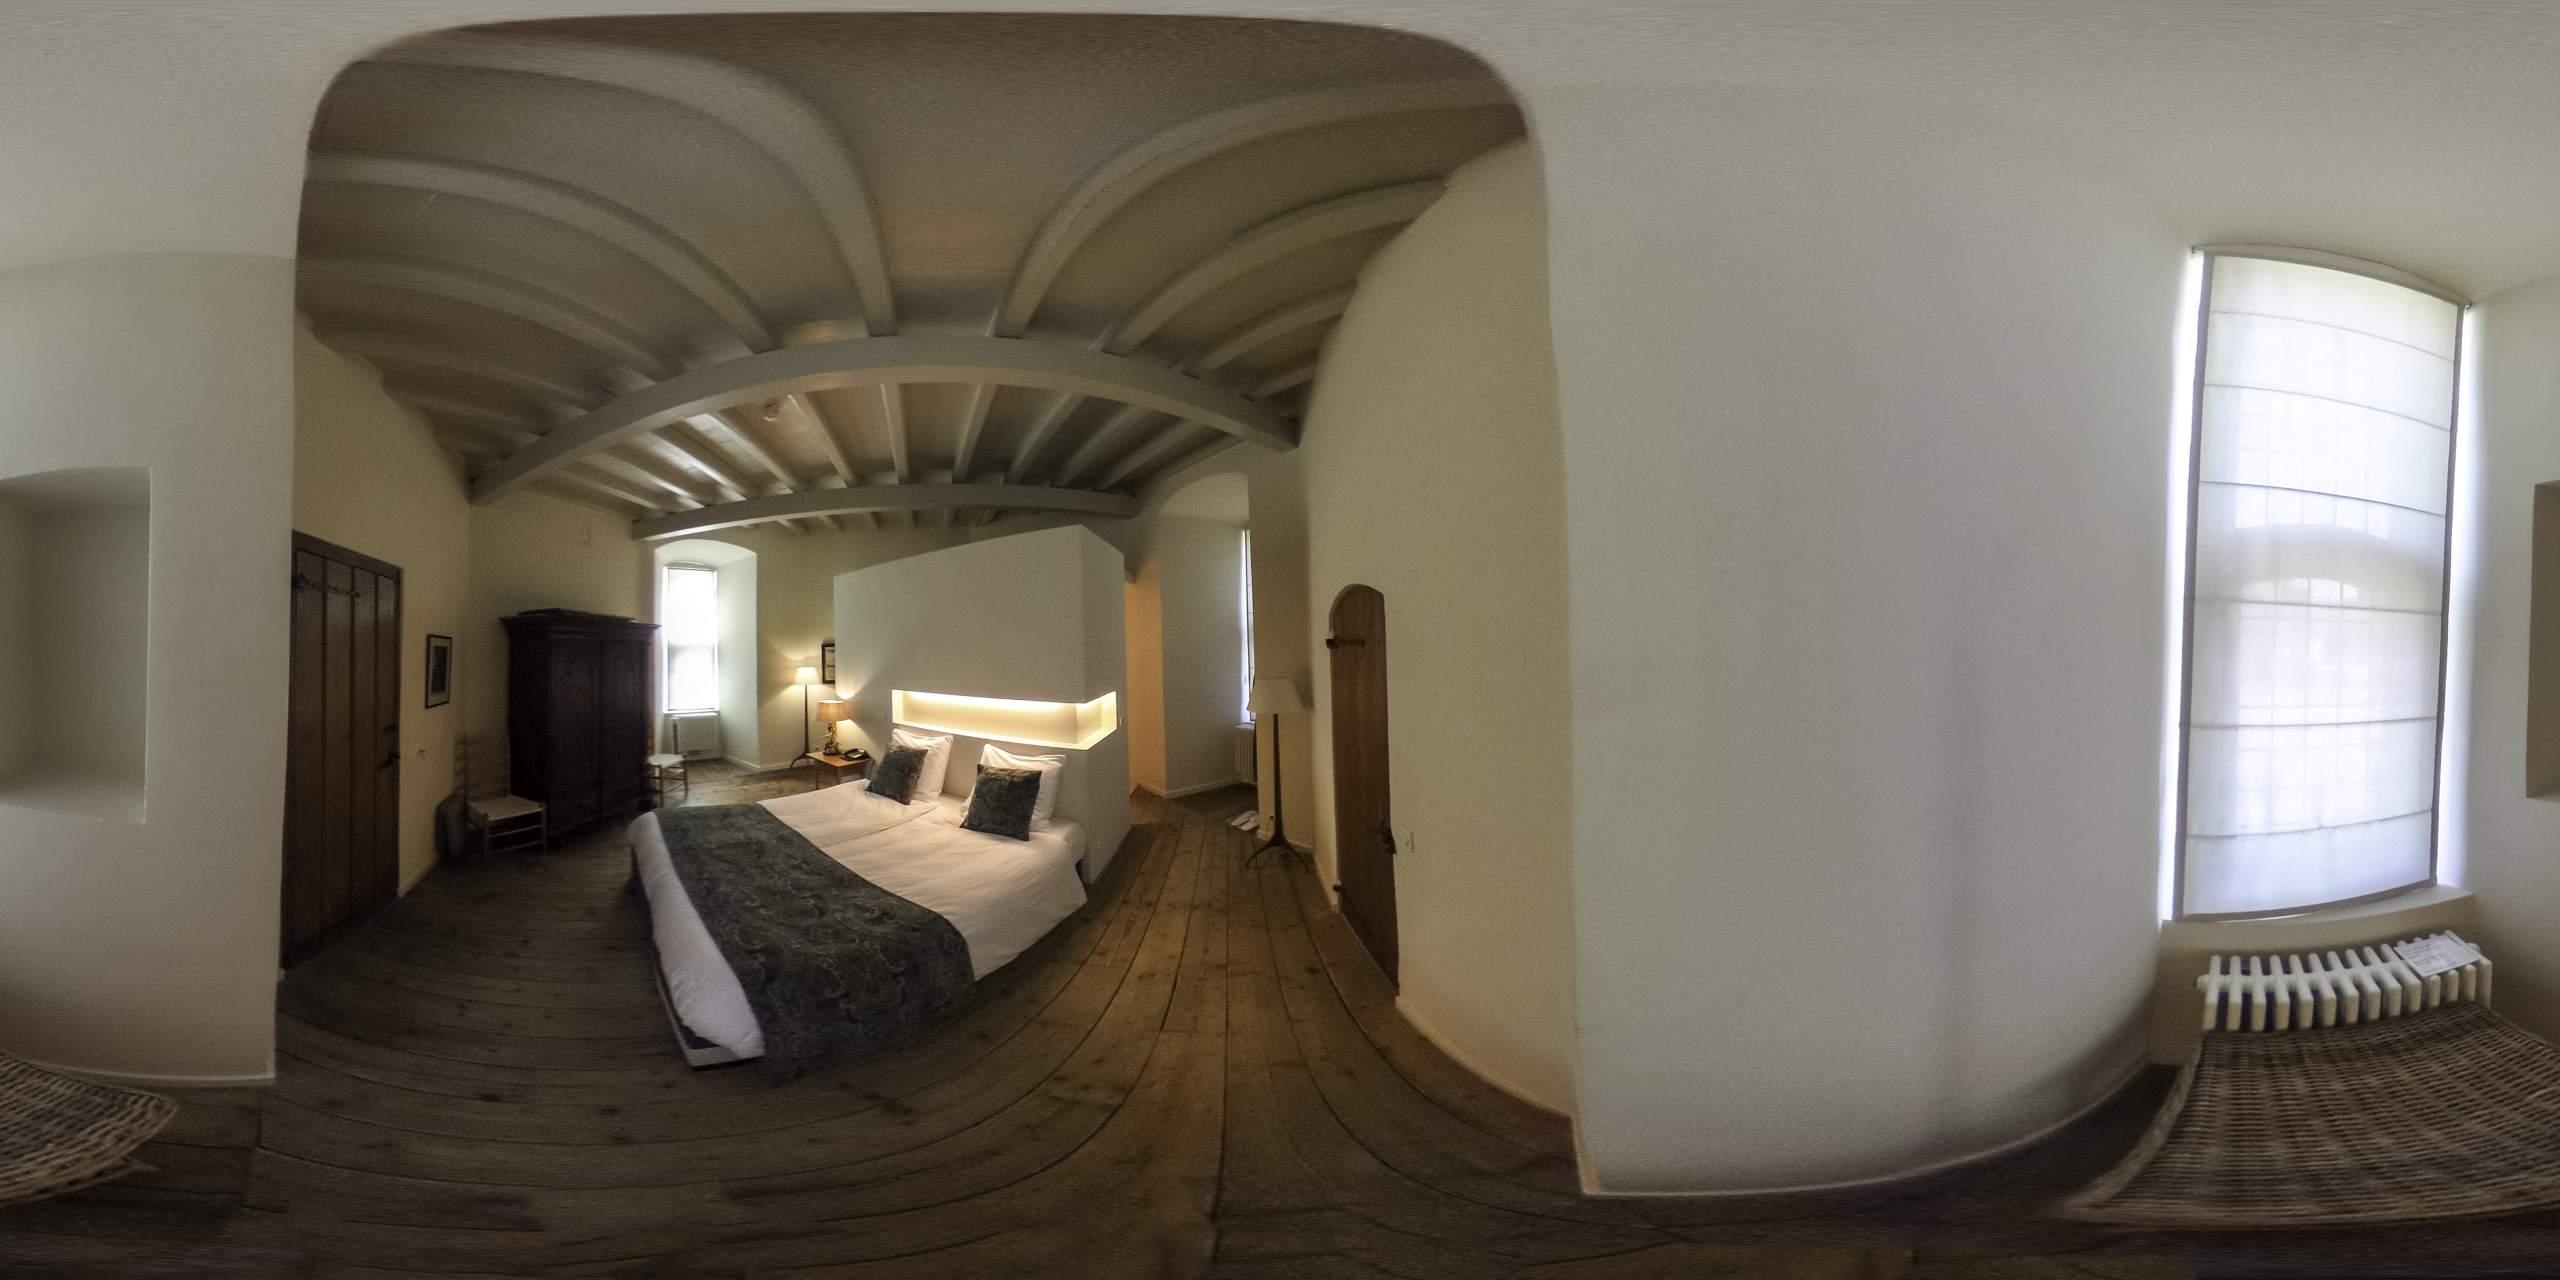 Huis Bergh ronde toren slaapkamer